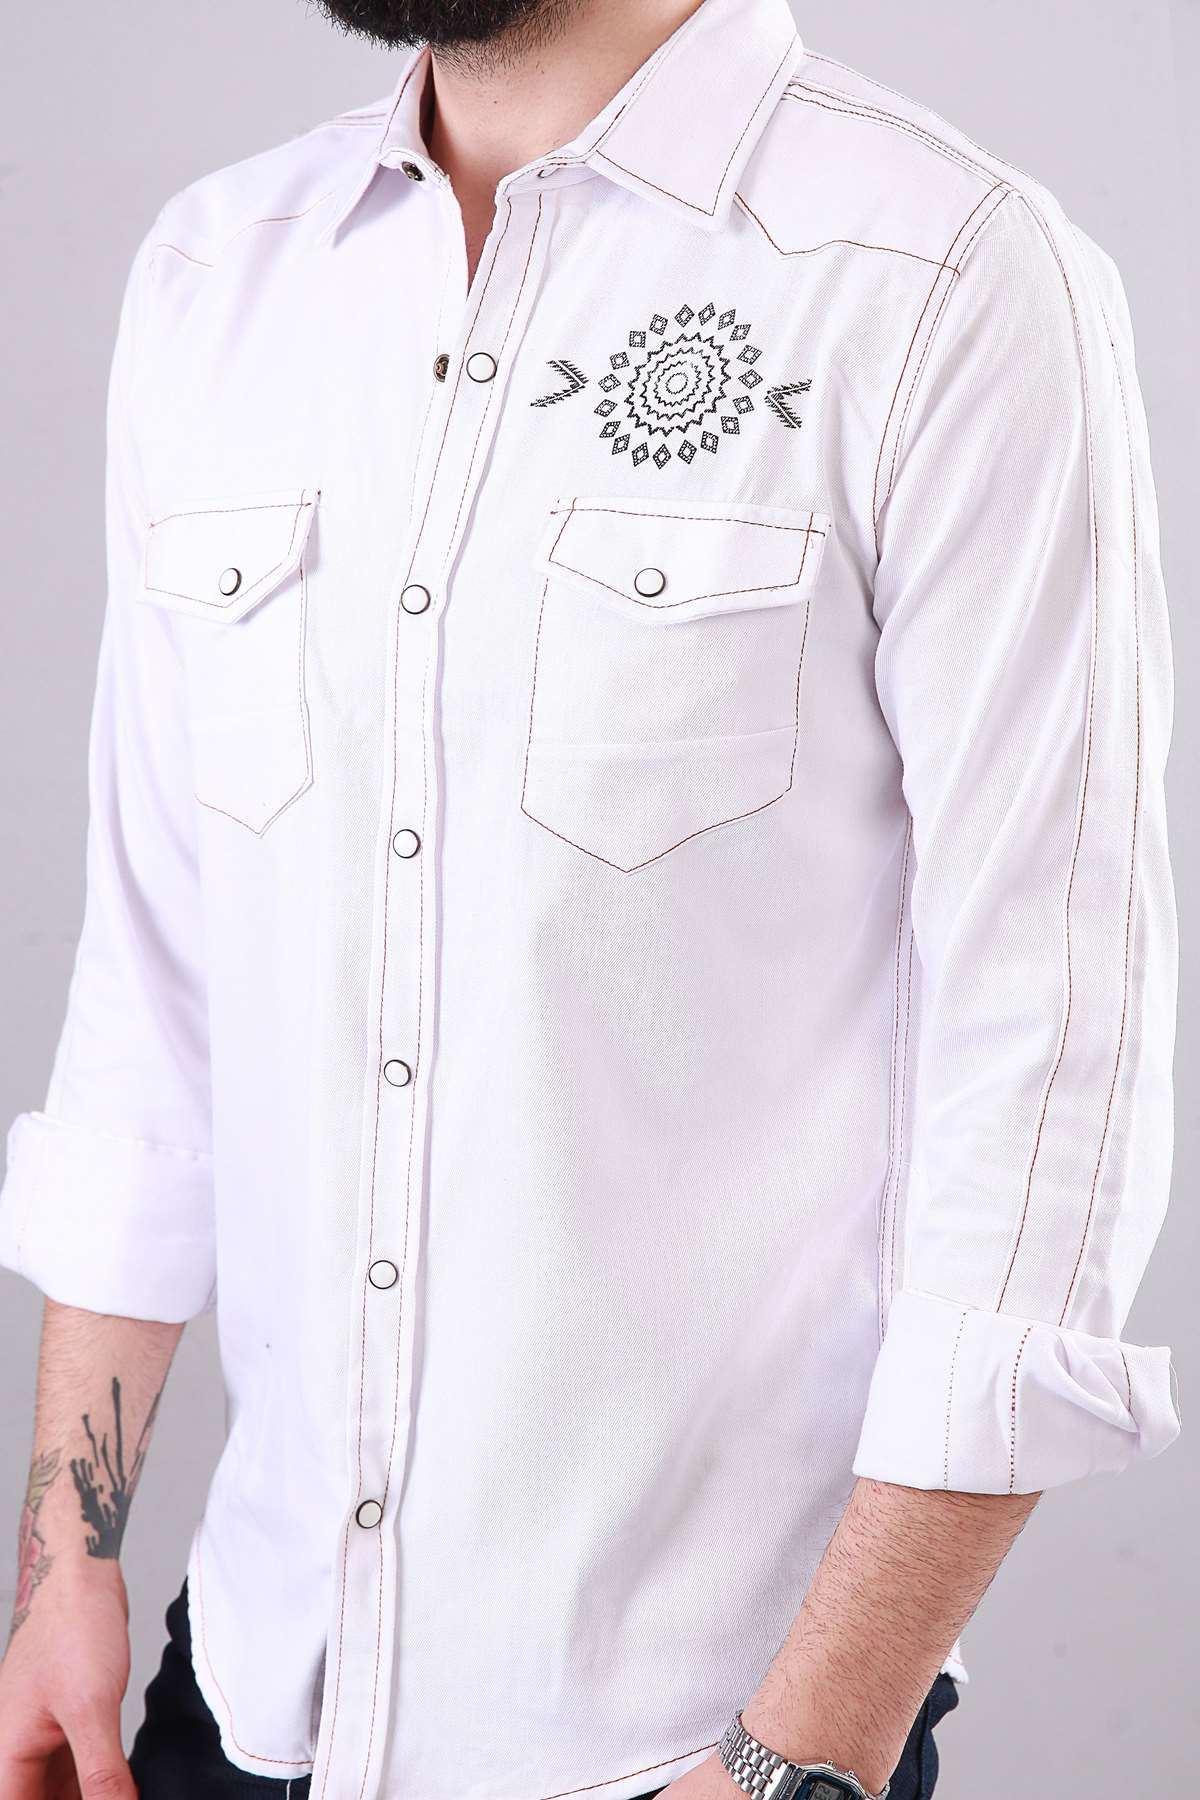 Sırt Yazılı Çıt Çıt Düğmeli Göğüs Baskılı Kot Gömlek Beyaz